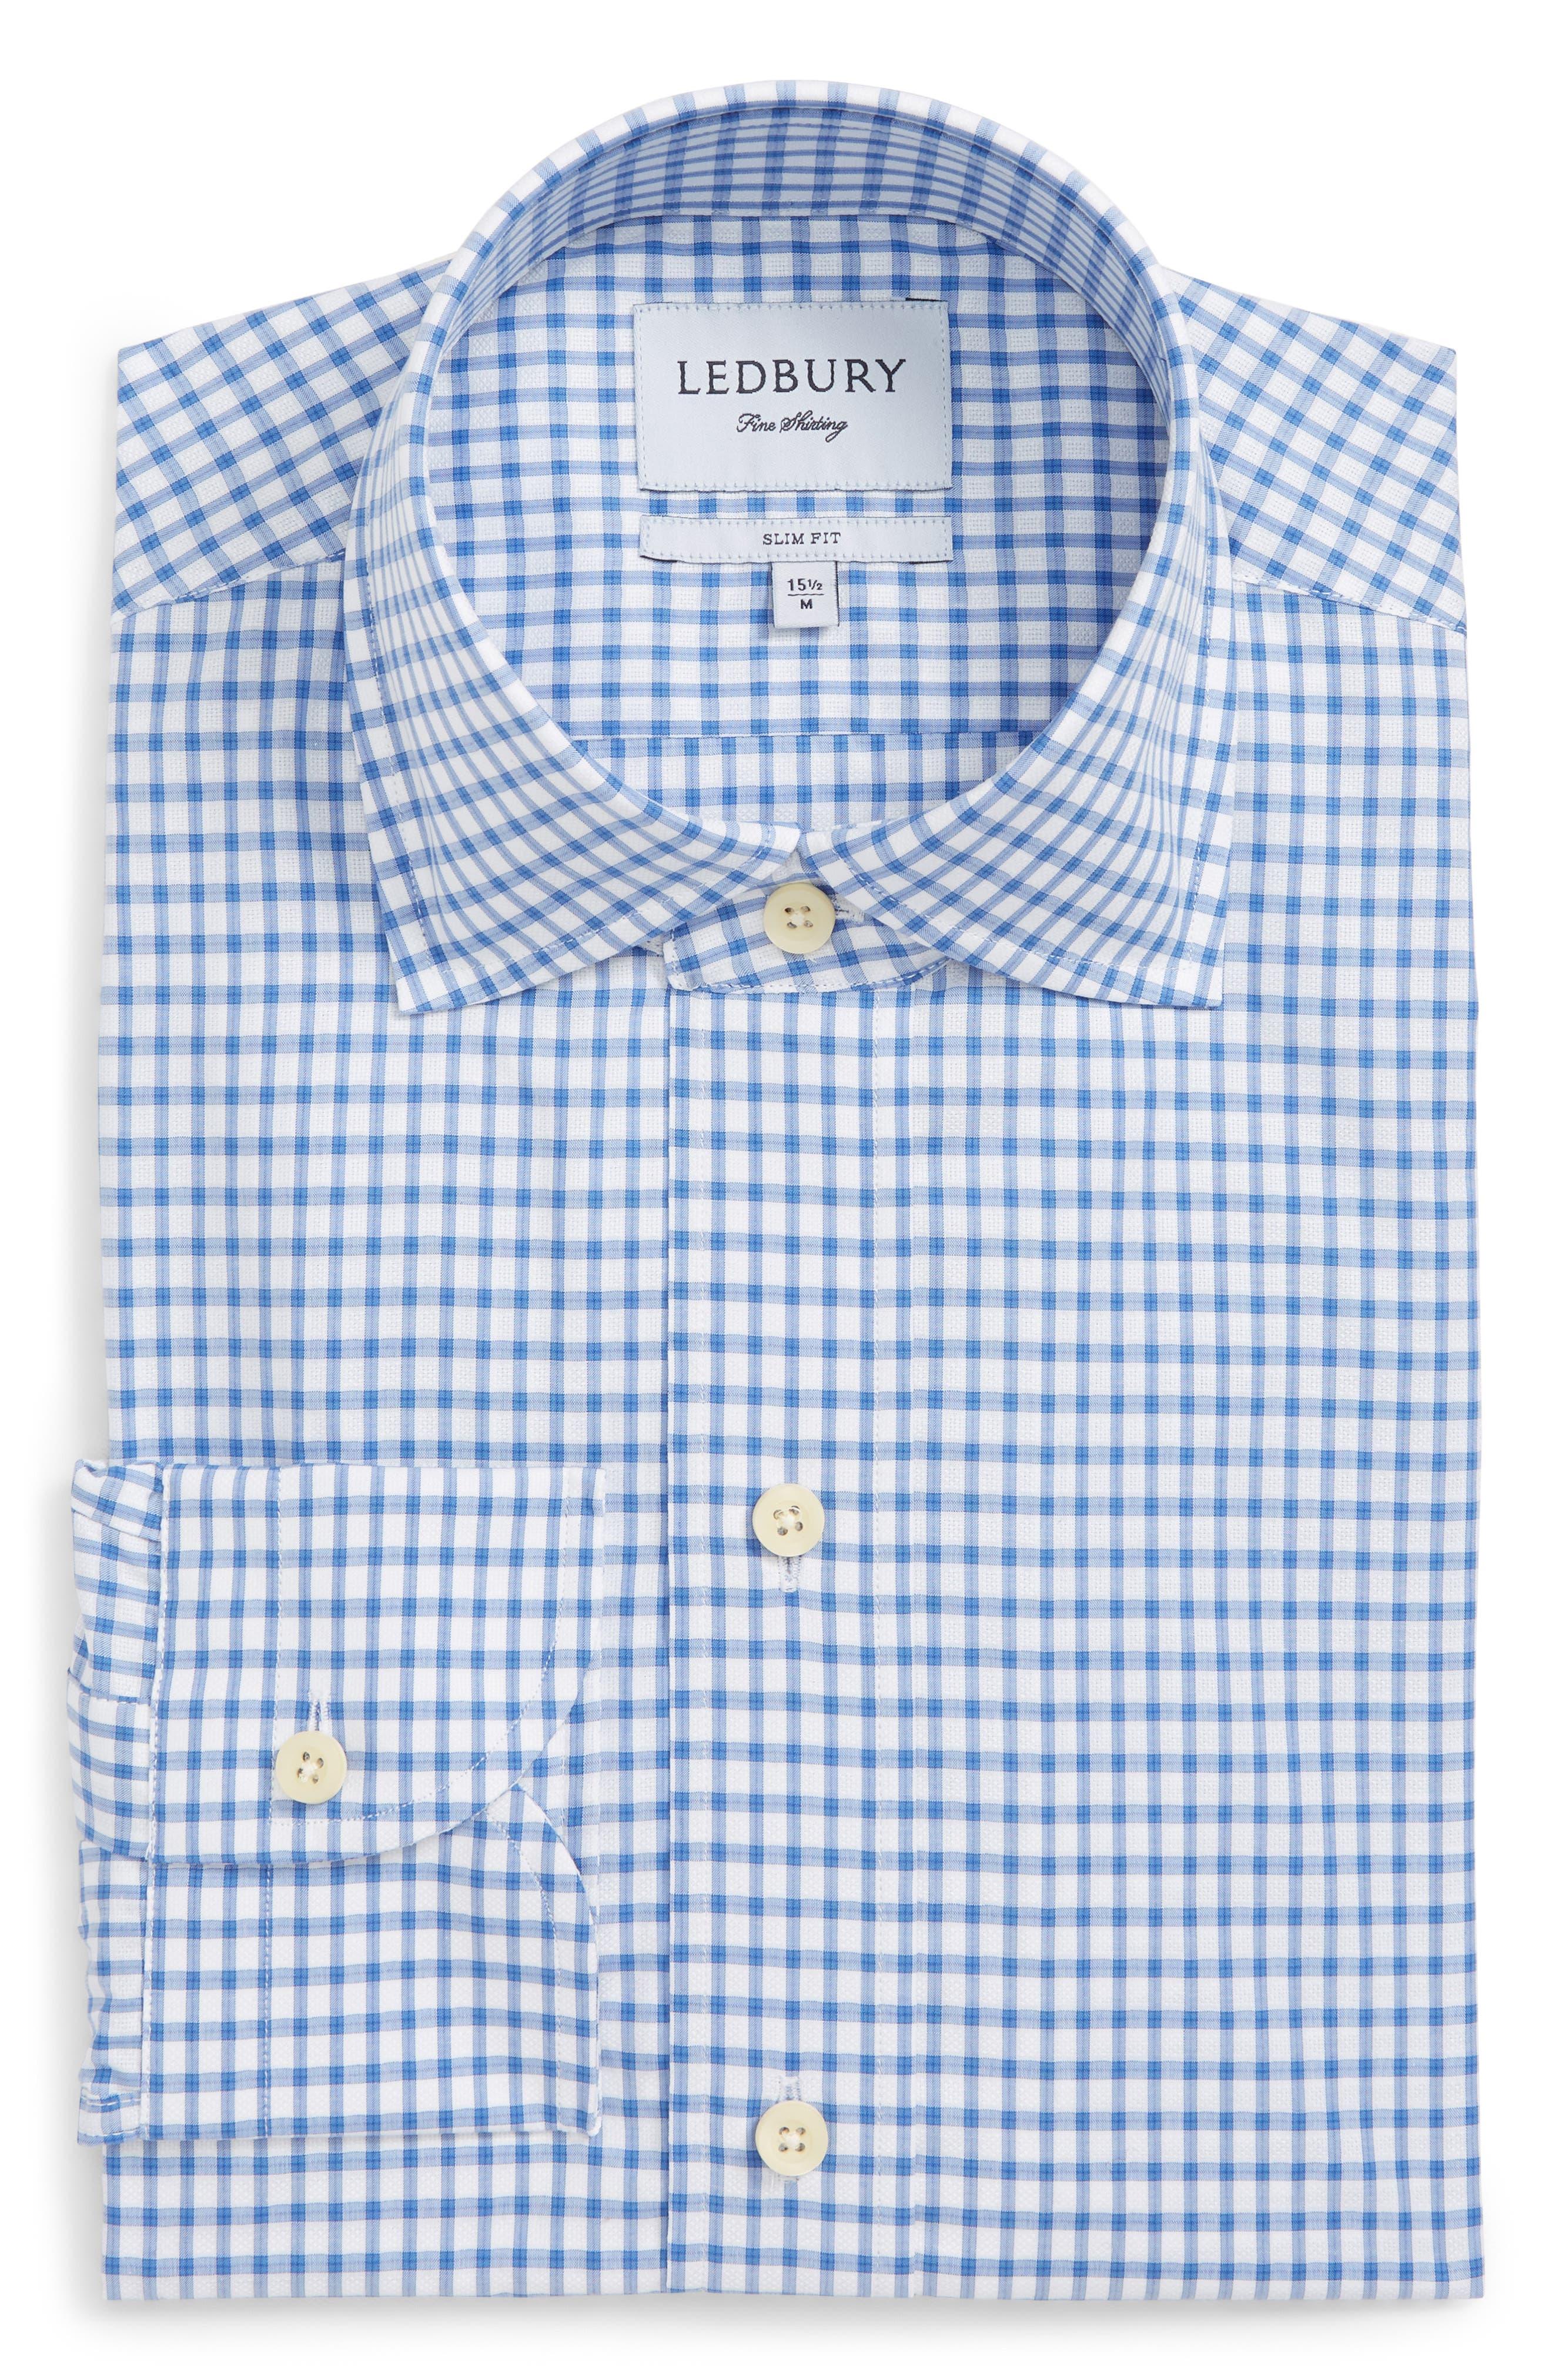 Ledbury Garrison Slim Fit Check Dress Shirt